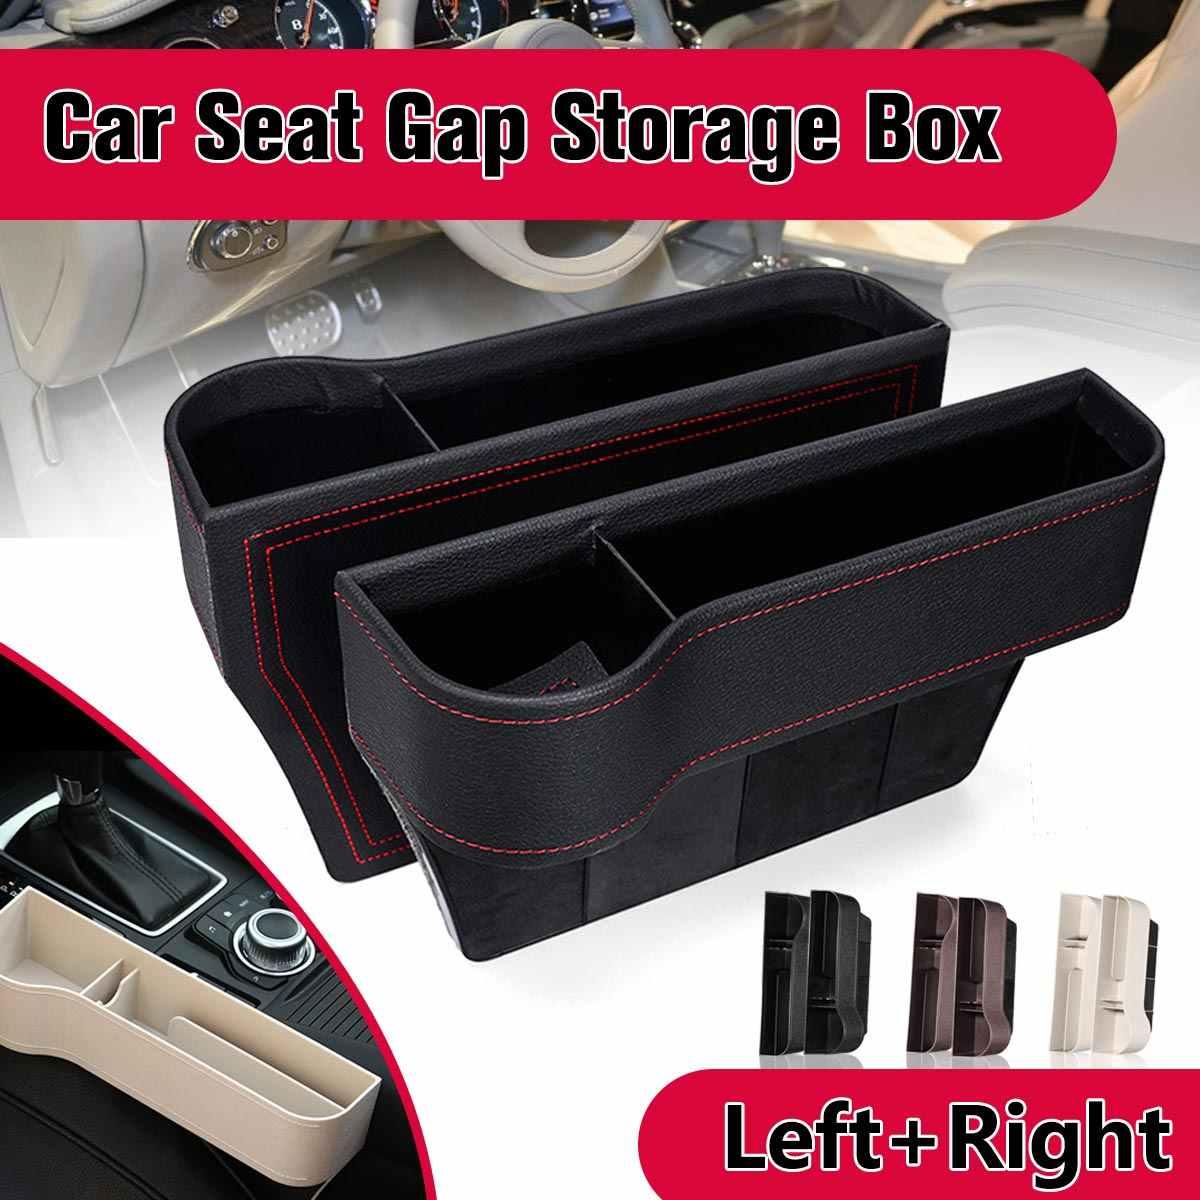 Sol/sağ araba koltuğu çatlak boşluk saklama kutusu ABS plastik otomatik içecek cepler organizatörler Stowing Tidying evrensel